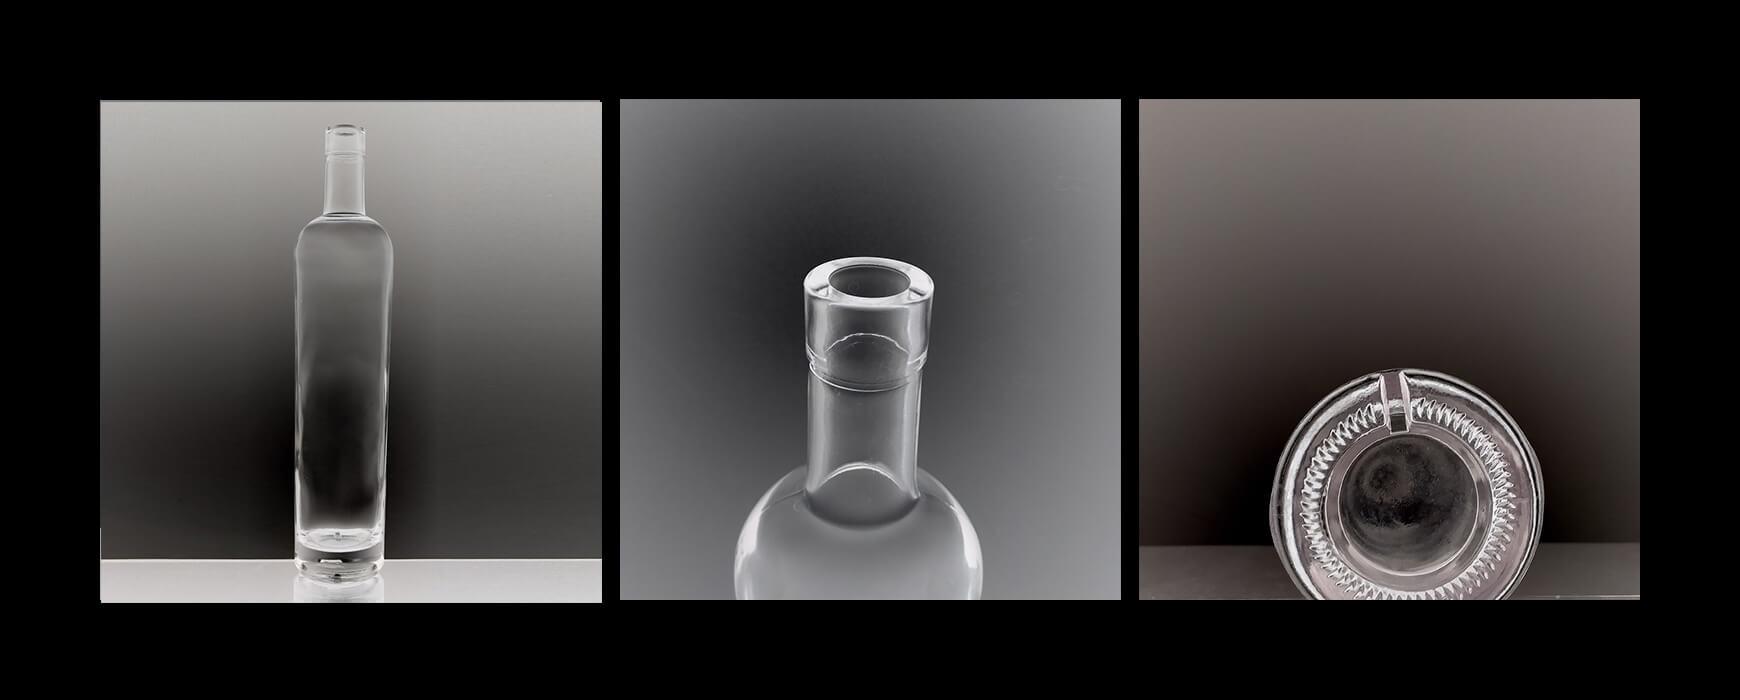 glass 750ml liquor bottle